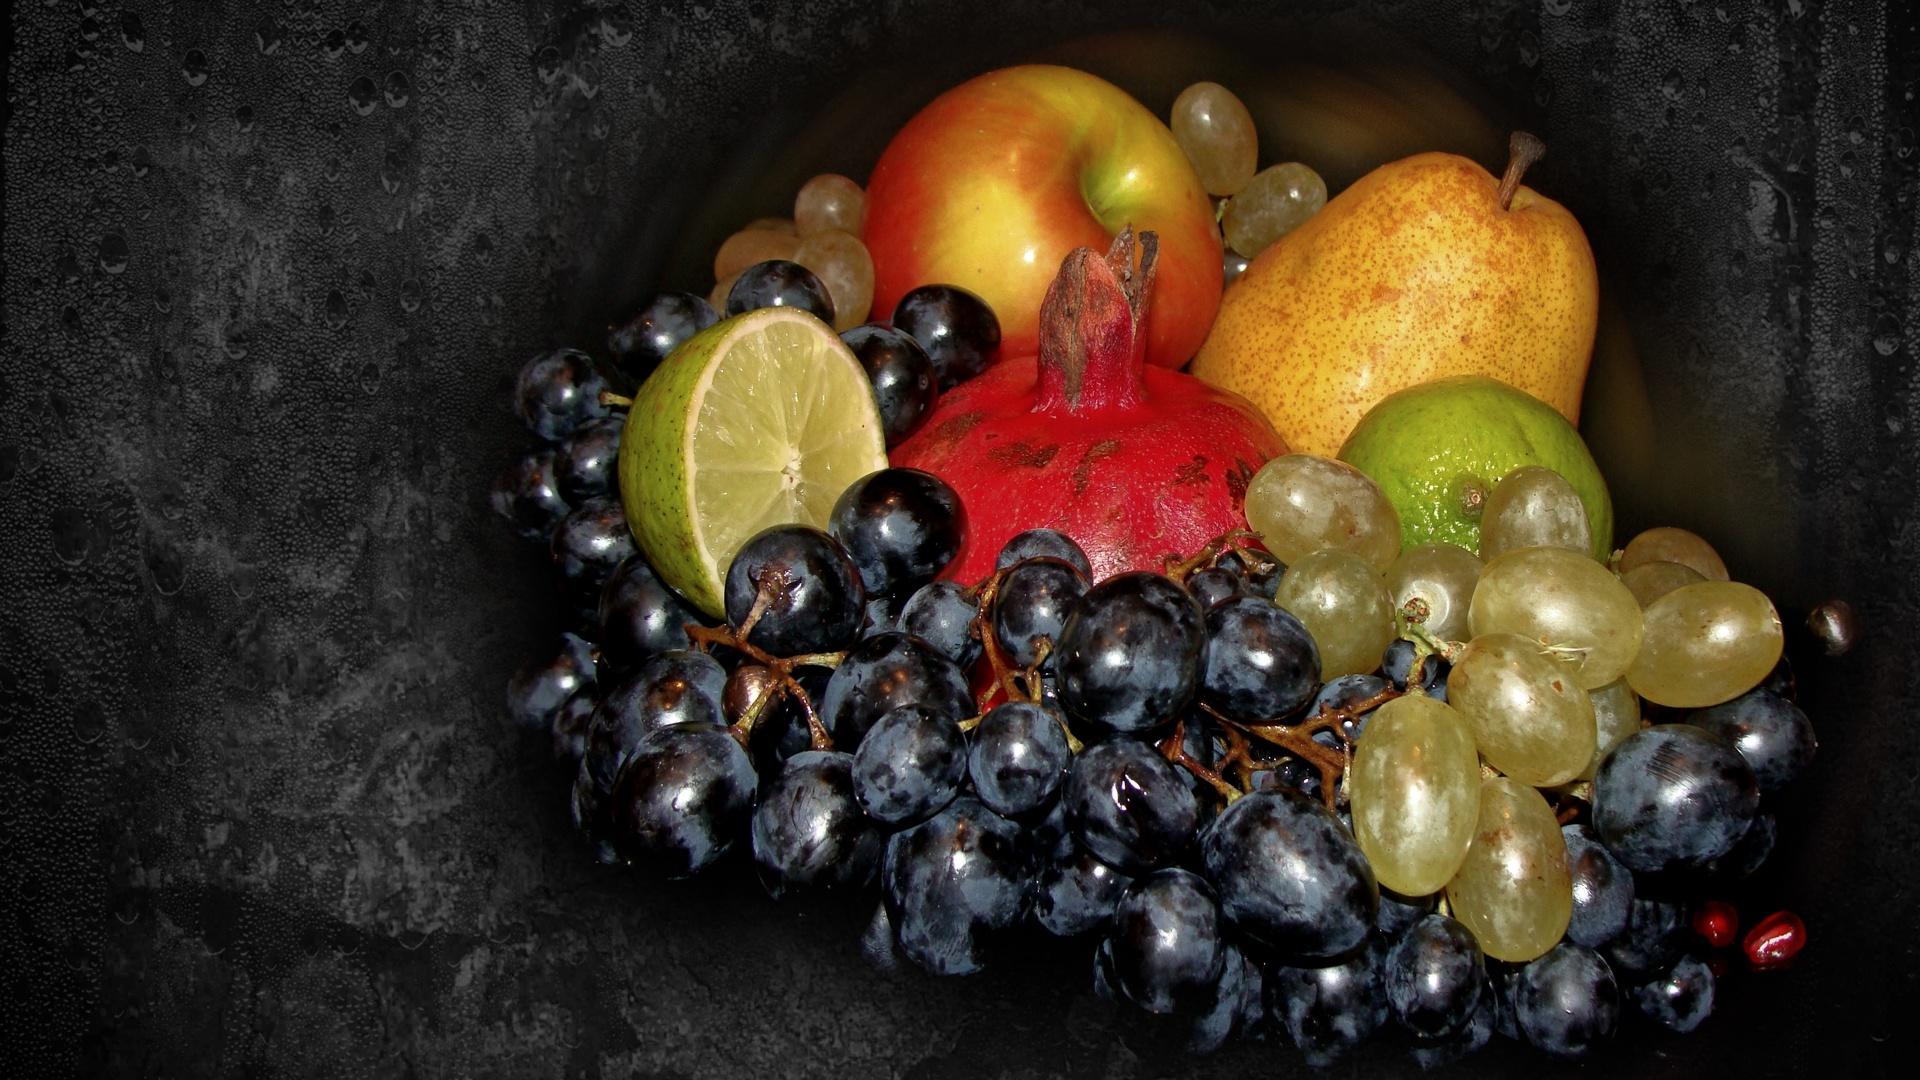 Фото натюрморт виноград груши